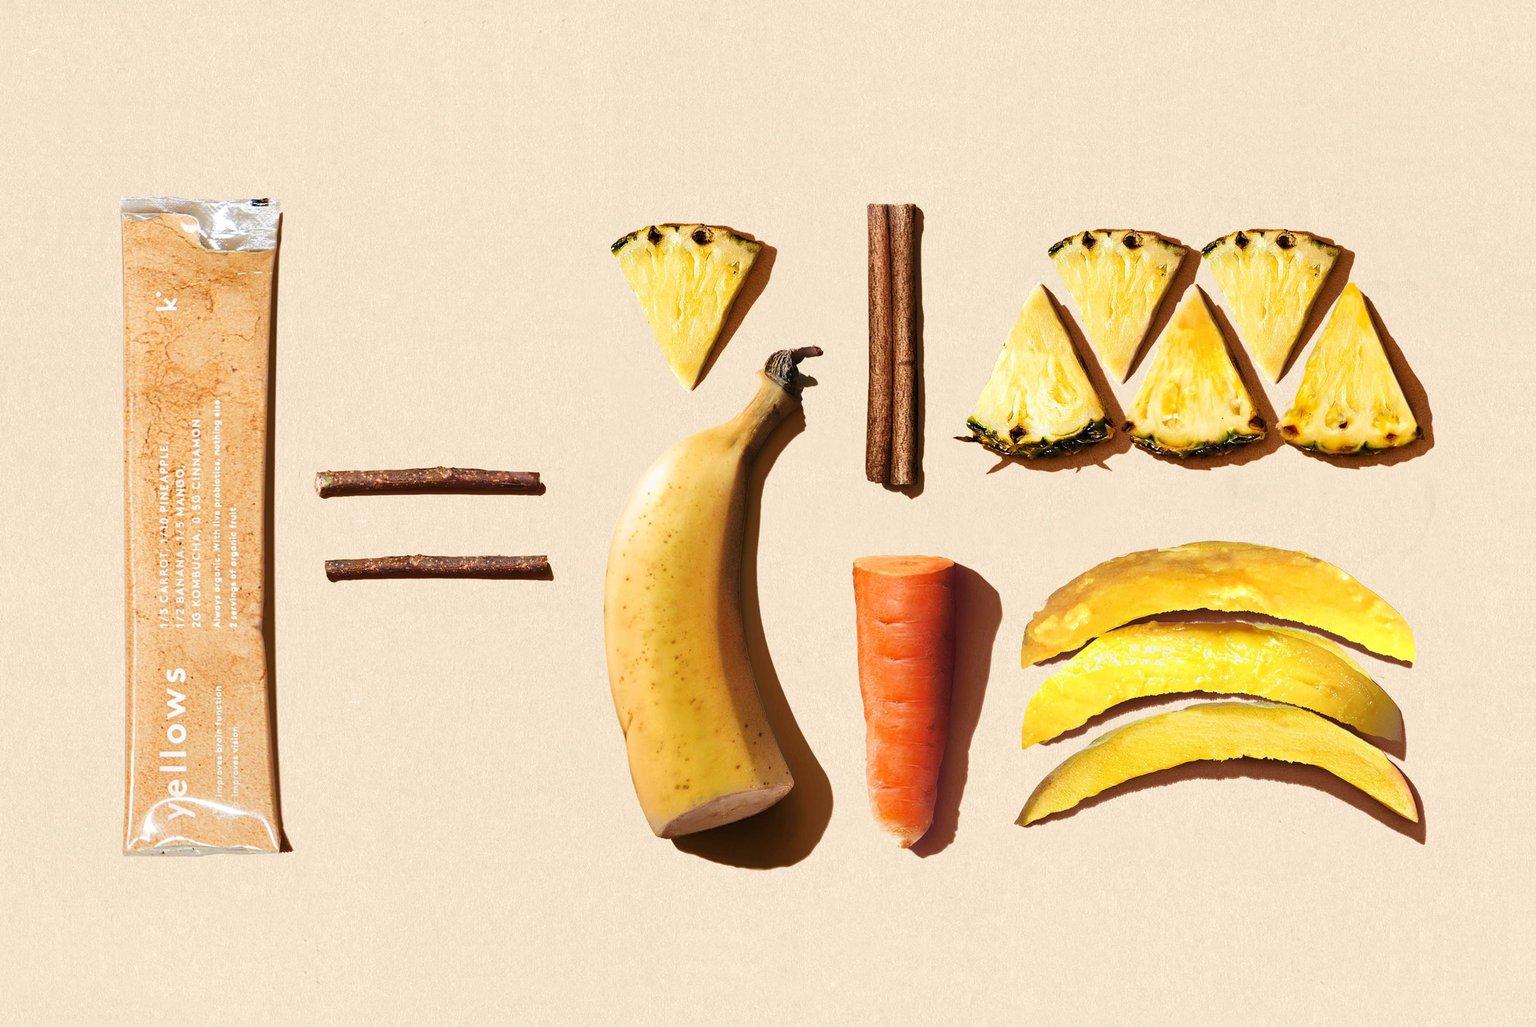 Kencko è la startup che trasforma frutta e verdura in polvere